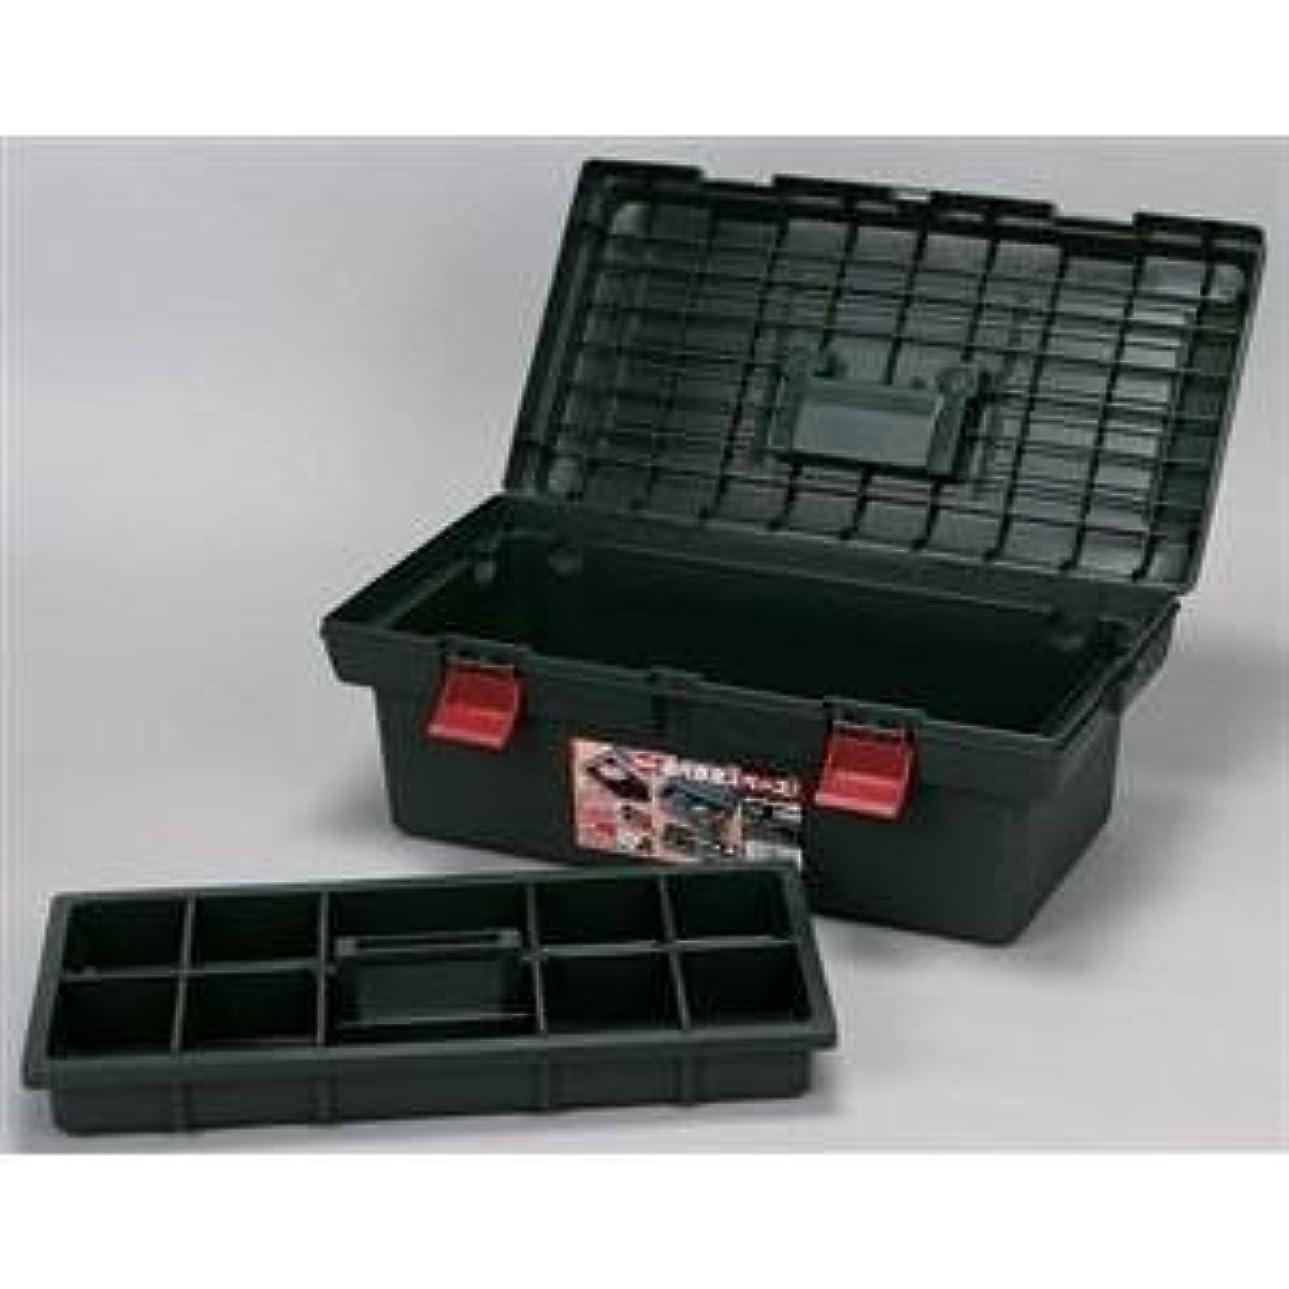 棚スローガン道路サンカ(Sanka) ユナイテッド工具箱 #260 Gr クリア 580×300×220(mm) AP-3087